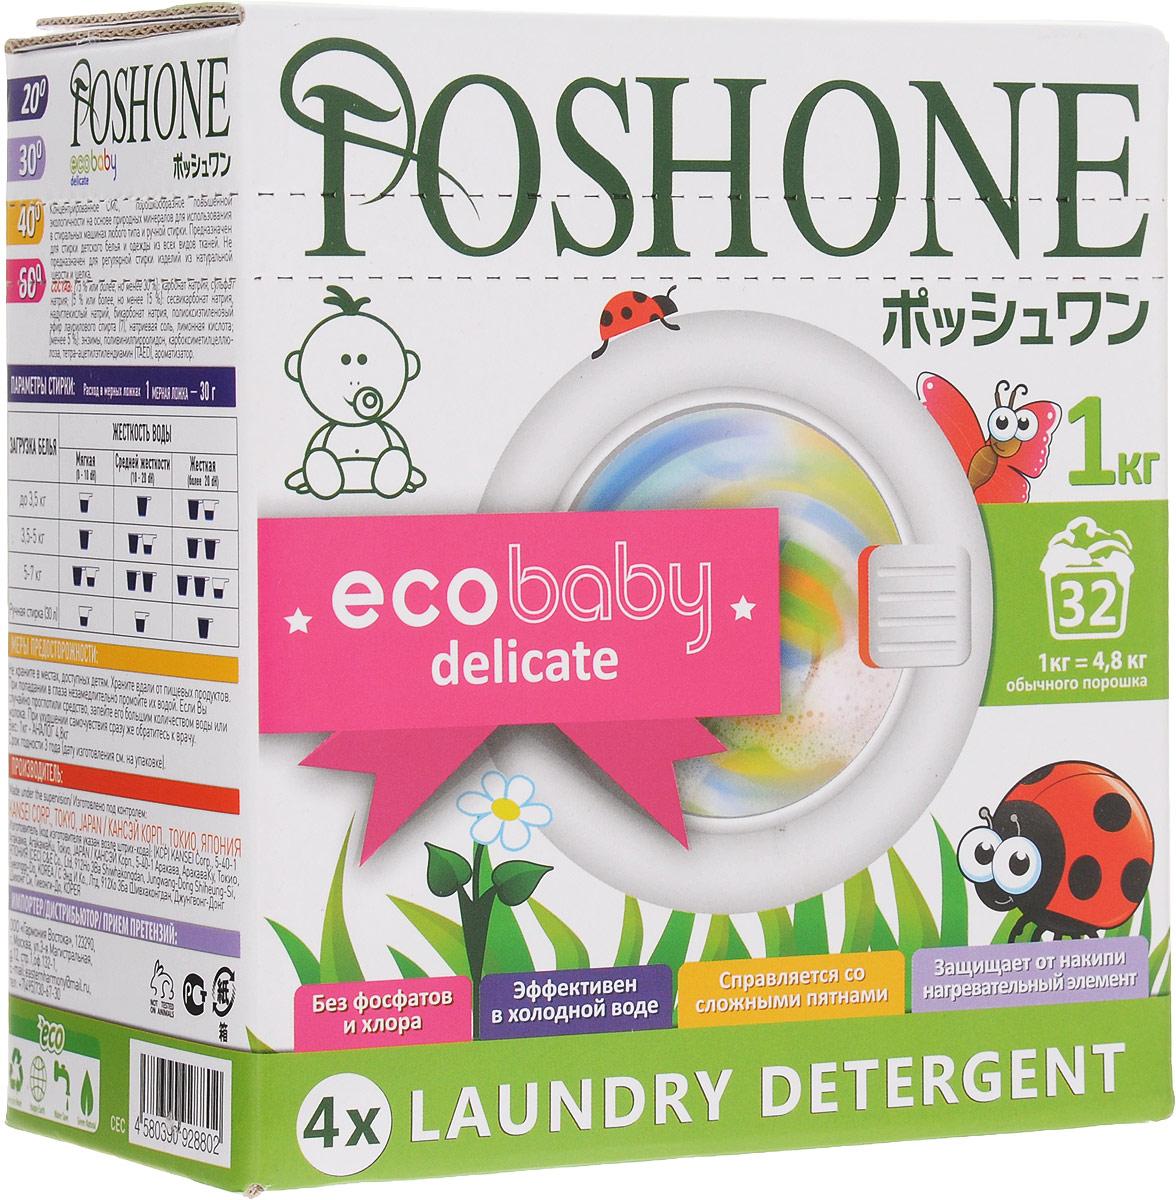 Порошок стиральный Posh One Ecobaby Delicate, для детской одежды и деликатных тканей, 1 кг928802Стиральный порошок Posh One Ecobaby Delicate предназначен для стирки детского белья и деликатных тканей в стиральных машинах любого типа и для ручной стирки.Особенности порошка:Не имеет в своем составе фосфаты, оптические отбеливатели, формальдегиды и хлор.Не раздражает кожу.Биоразлагаем более чем на 99%.Не оставляет следов на белье.Не токсичен.Содержит биоферменты и активный кислород-активатор TAED.Защищает нагревательный элемент стиральной машины от накипи.Эффективен в холодной воде.Легко справляется со сложными пятнами.Состав: (15% или более, но менее 30%) карбонат натрия, сульфат натрия, (5% или более, но менее 15%) сесвикарбонат натрия, надуглекислый натрий, бикарбонат натрия, полиоксиэтиленовый эфир лаурилового спирта (7), натриевая соль, карбоксиметилцеллюлоза, тетра-ацетилэтилендиамин (TAED), ароматизатор.Товар сертифицирован. Не предназначен для регулярной стирки изделий из натуральной шерсти и шелка.